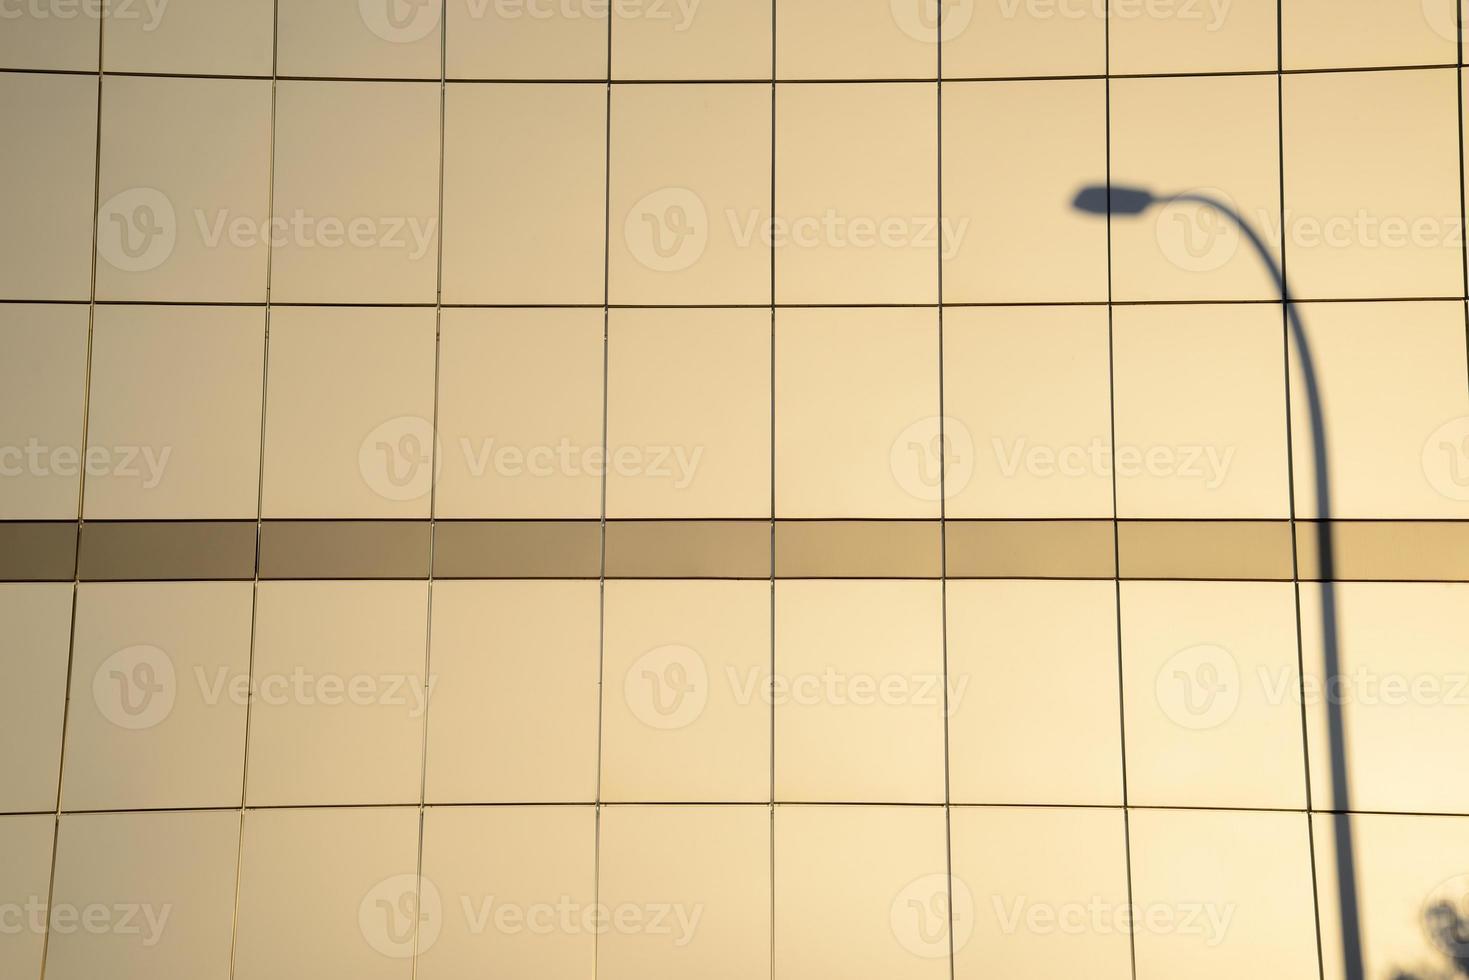 facciata di un edificio all'ombra di un lampione. foto